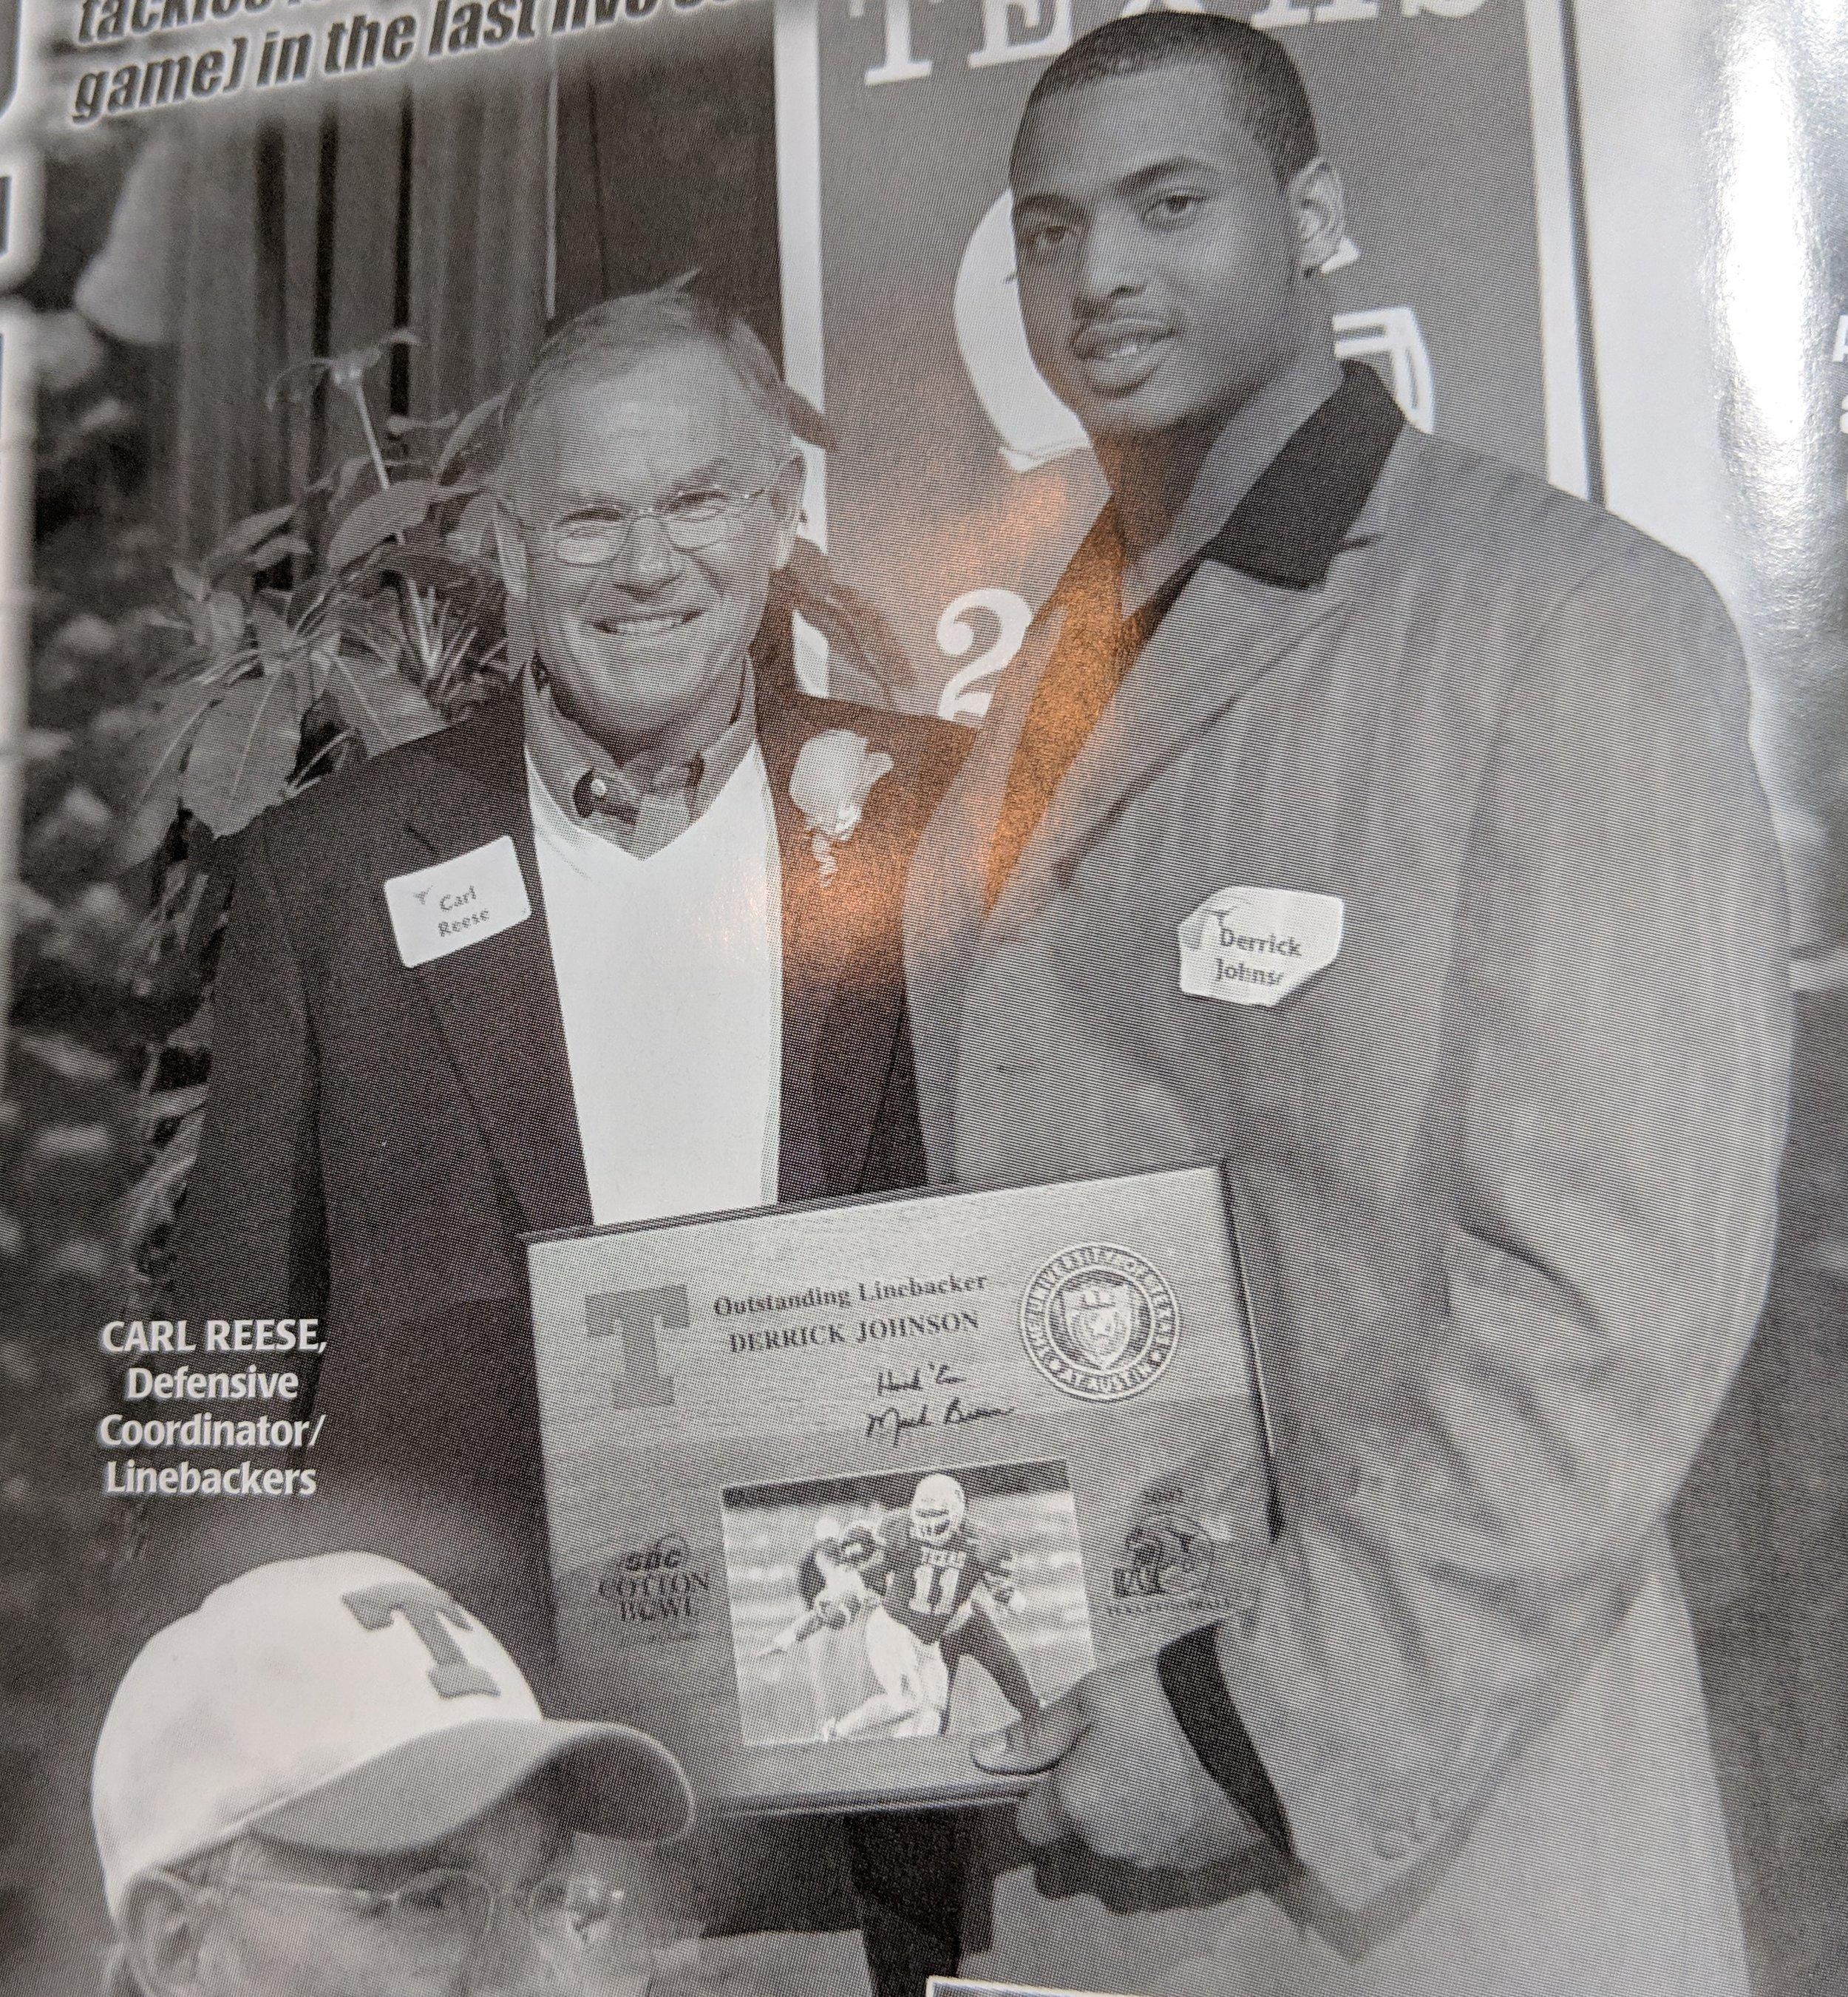 2003 Derrick Johnson and Coach Reese.jpg